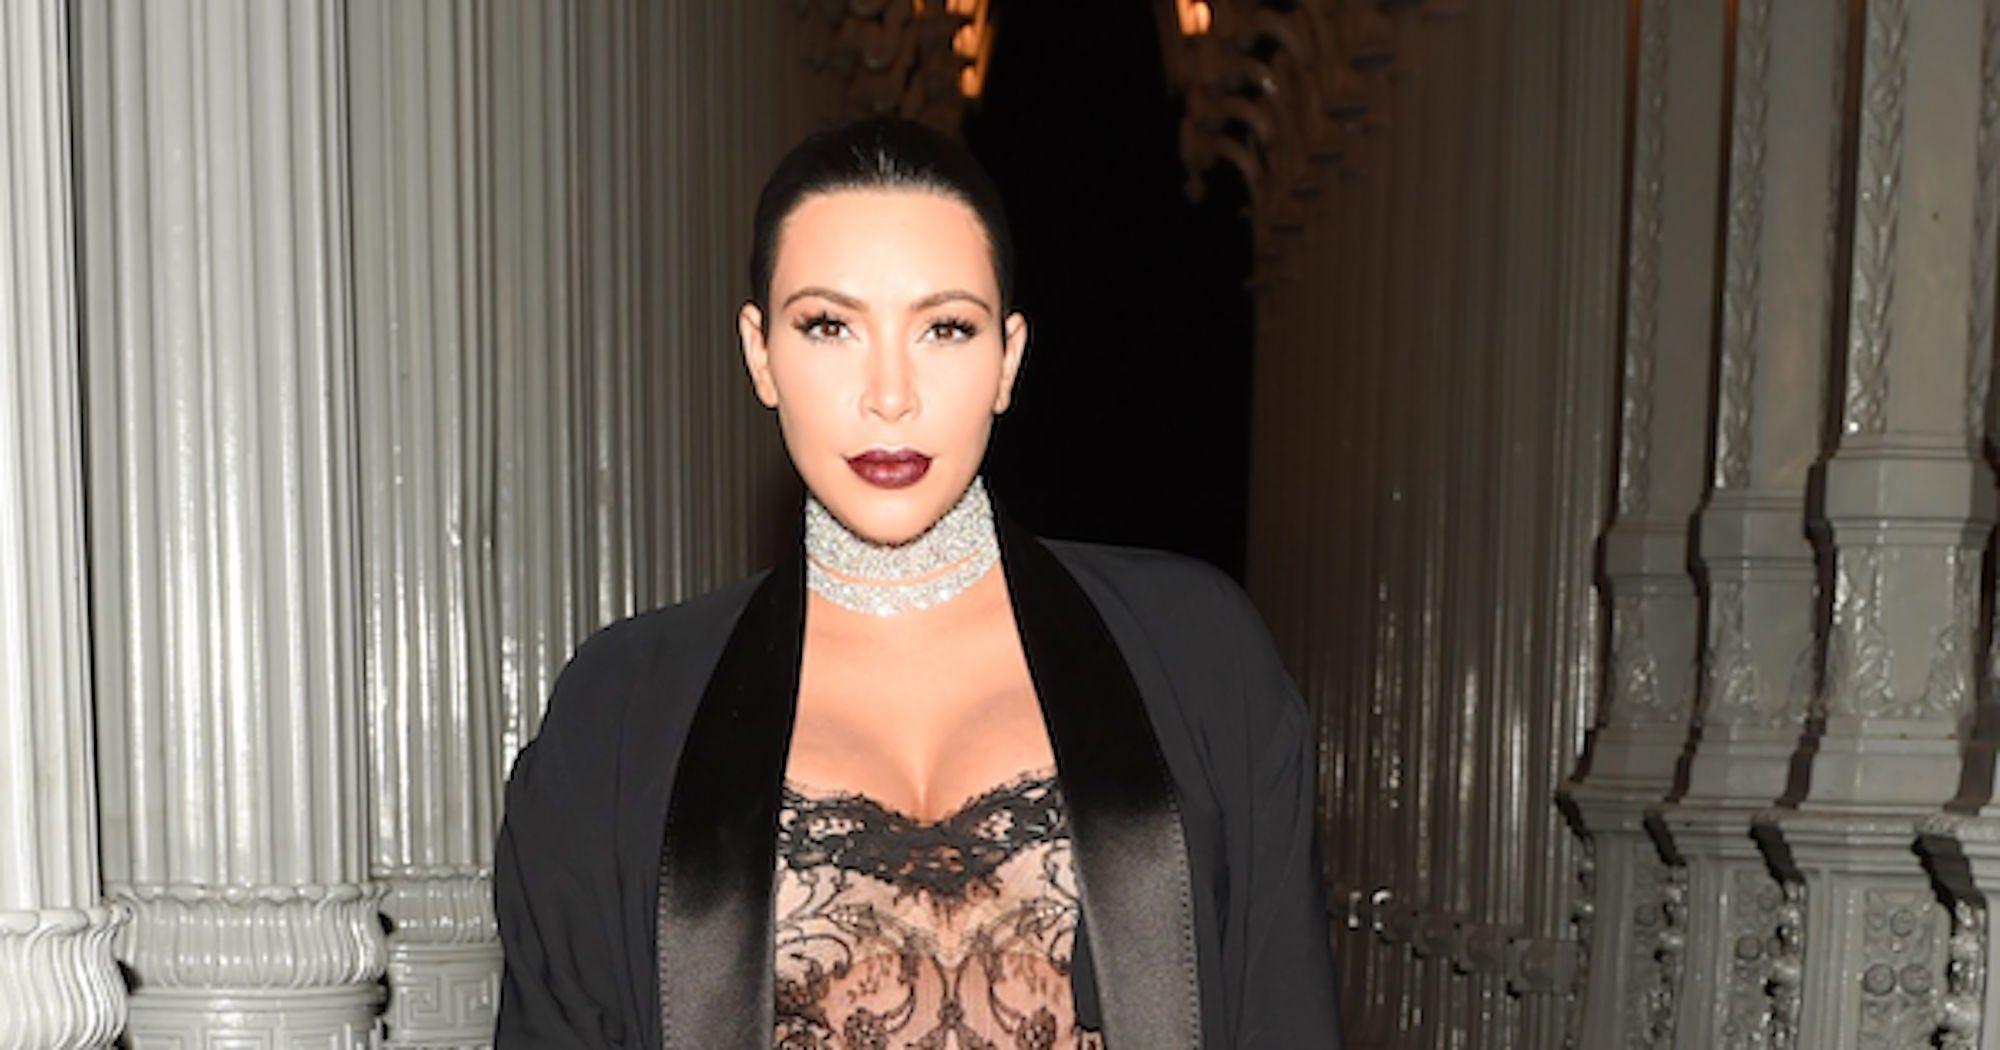 Kim Kardashian Writes An Epic Response To Nude Selfie